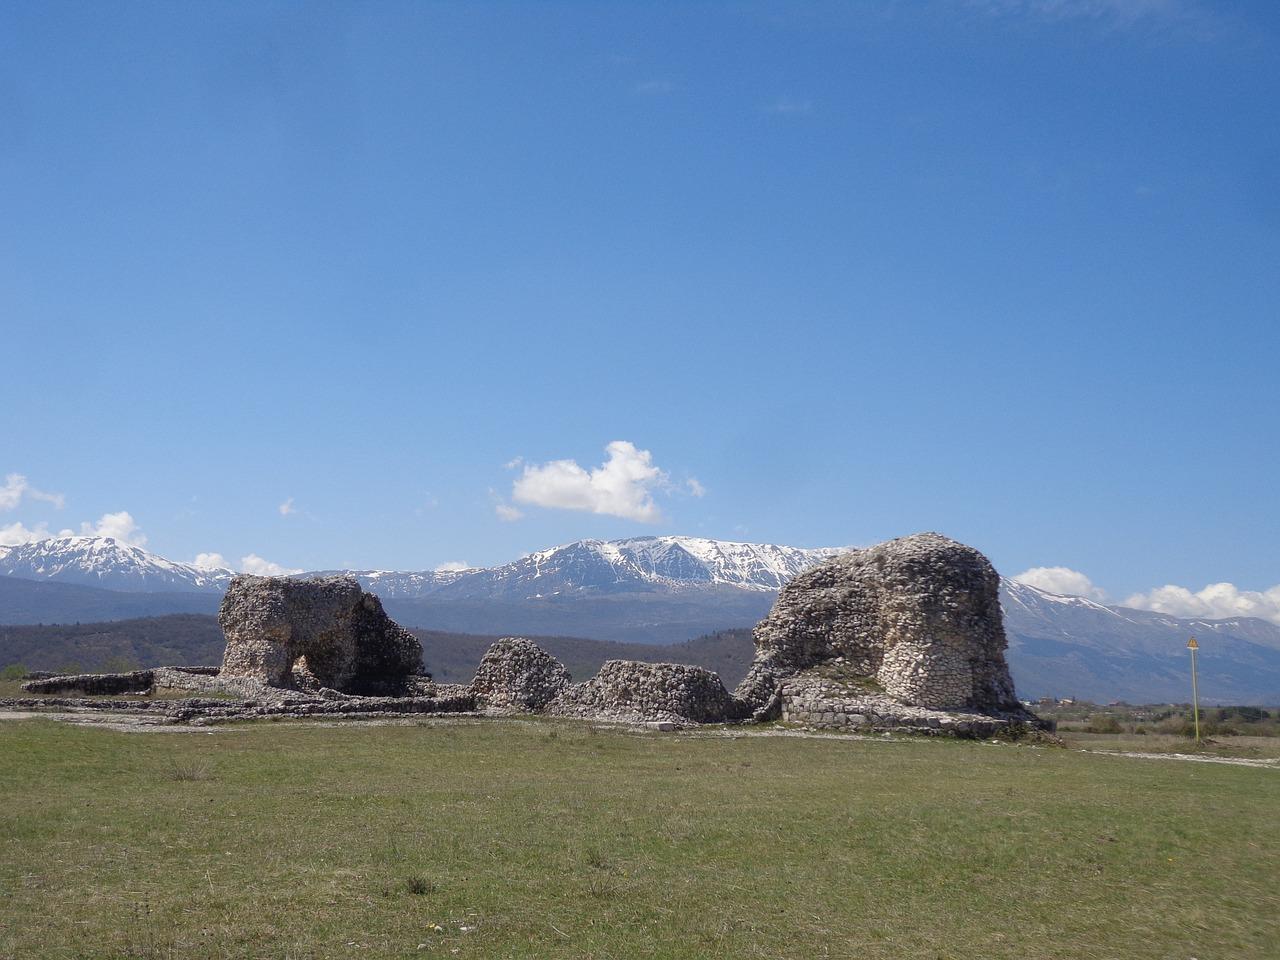 siti archeologici preistorici in abruzzo